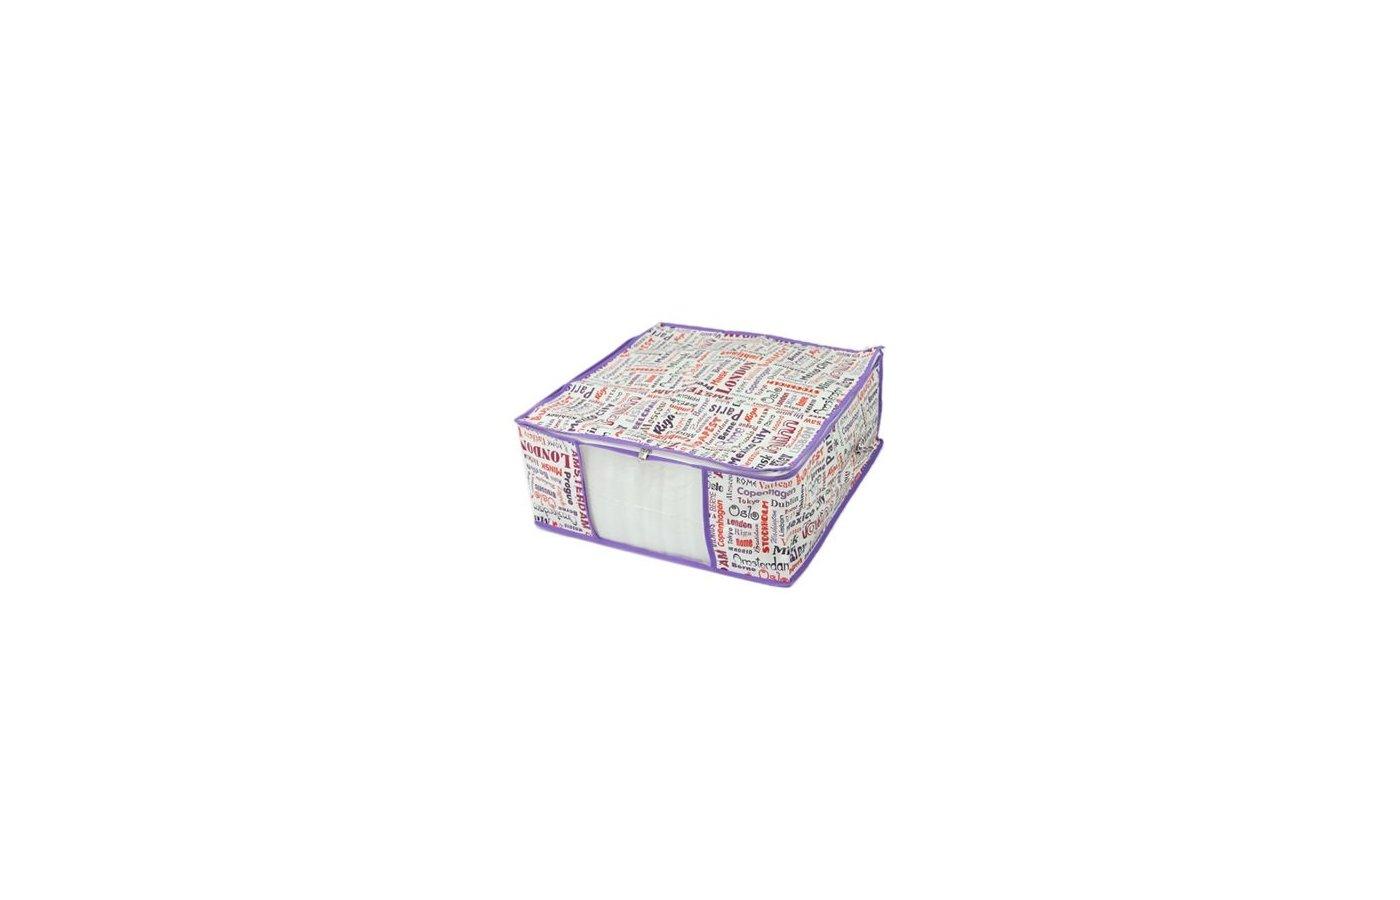 Емкости для хранения одежды VETTA 457-159 City Чехол-кофр для хранения мягкий спанбонд влагостойкий 45x45x20см